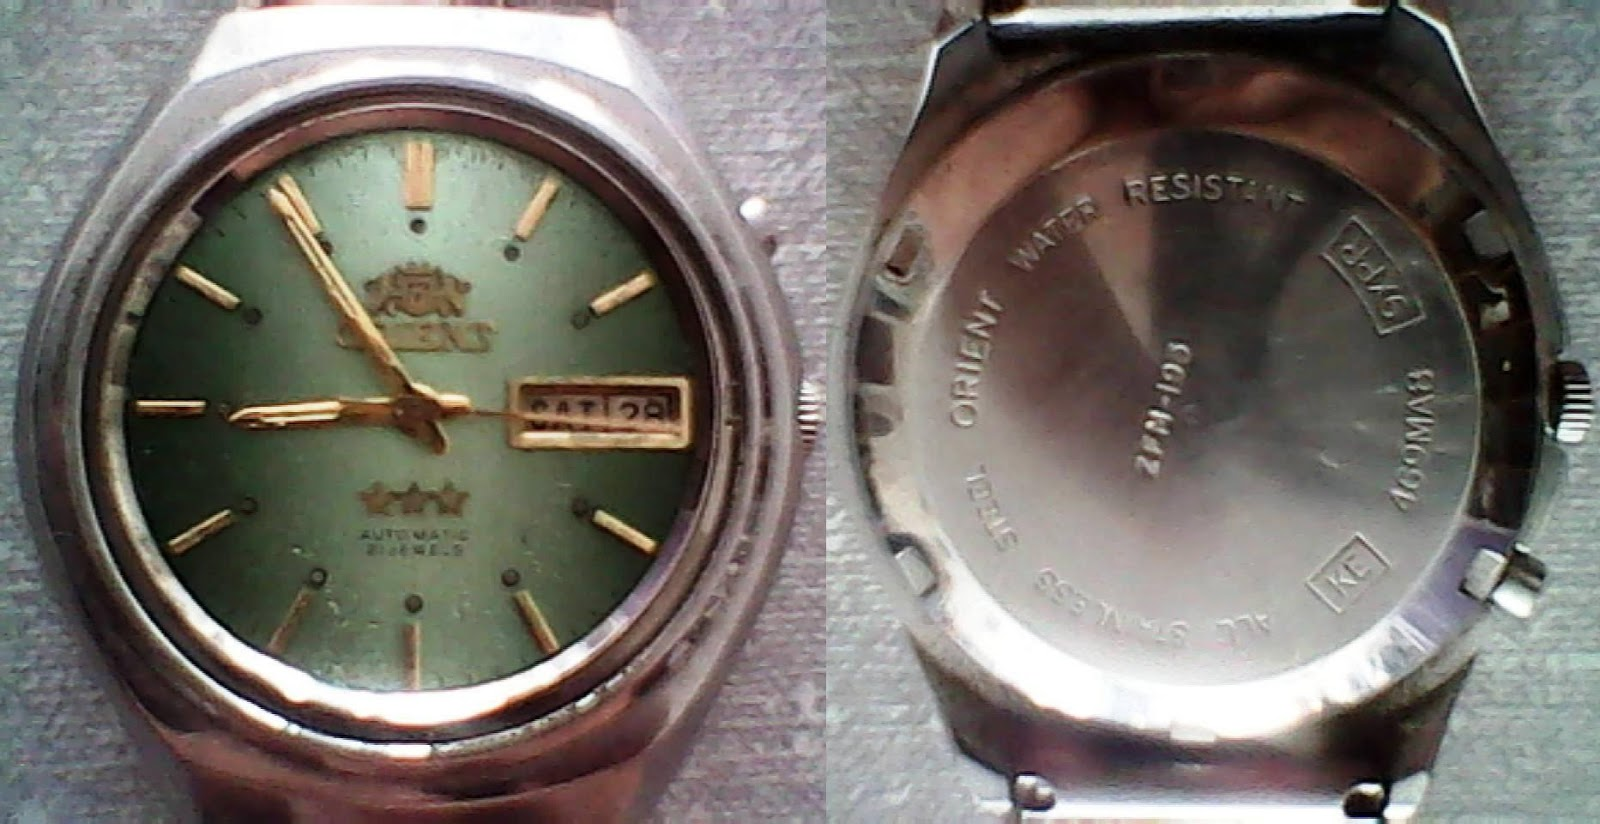 40b583b7eff Existem algumas diferenças entre os relógios da marca Orient modelo  automatico antigos e modernos